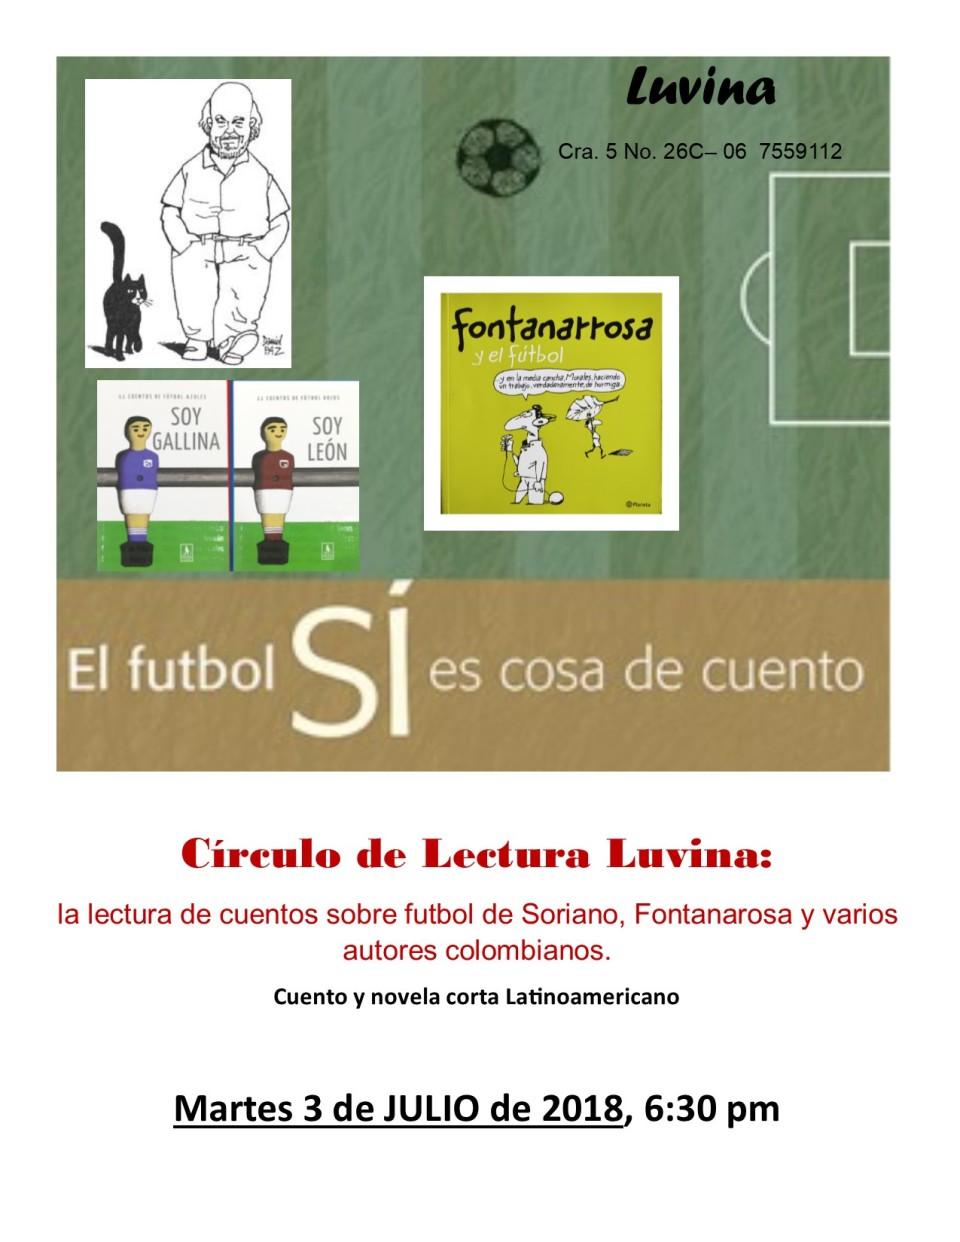 segunda de cuentos sobre fútbol.pub.jpg